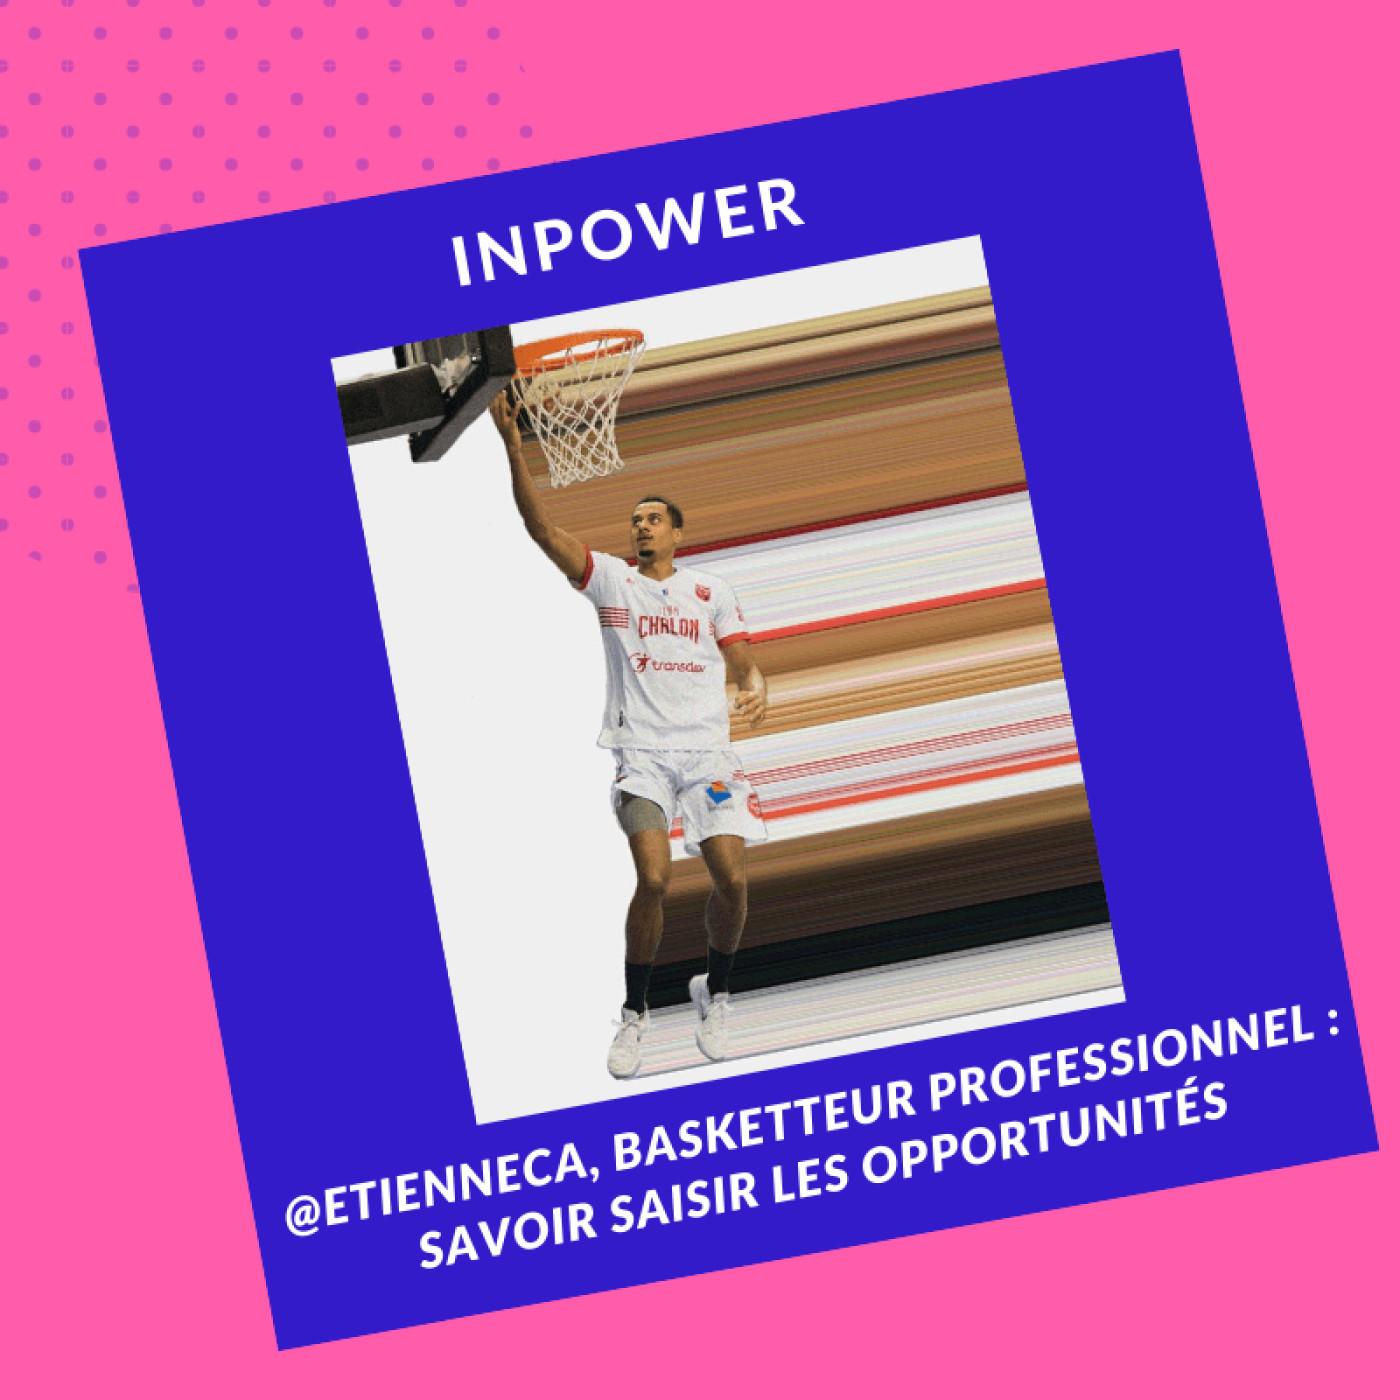 @EtienneCa, basketteur professionnel : Savoir saisir des opportunités